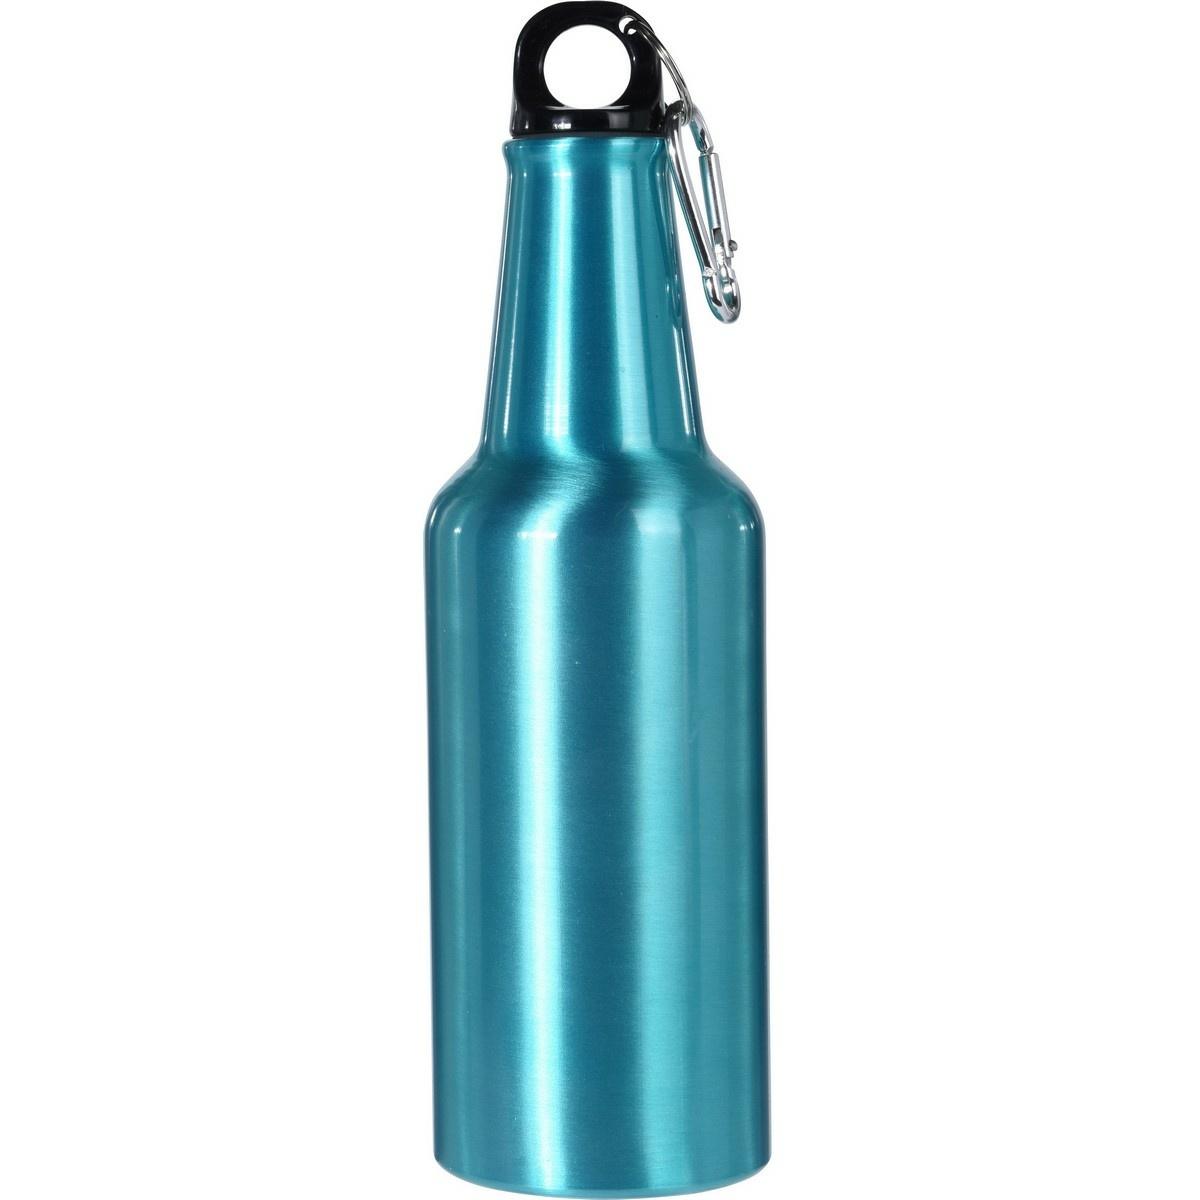 Športová hliníková fľaša s uzáverom 600 ml, tyrkysová